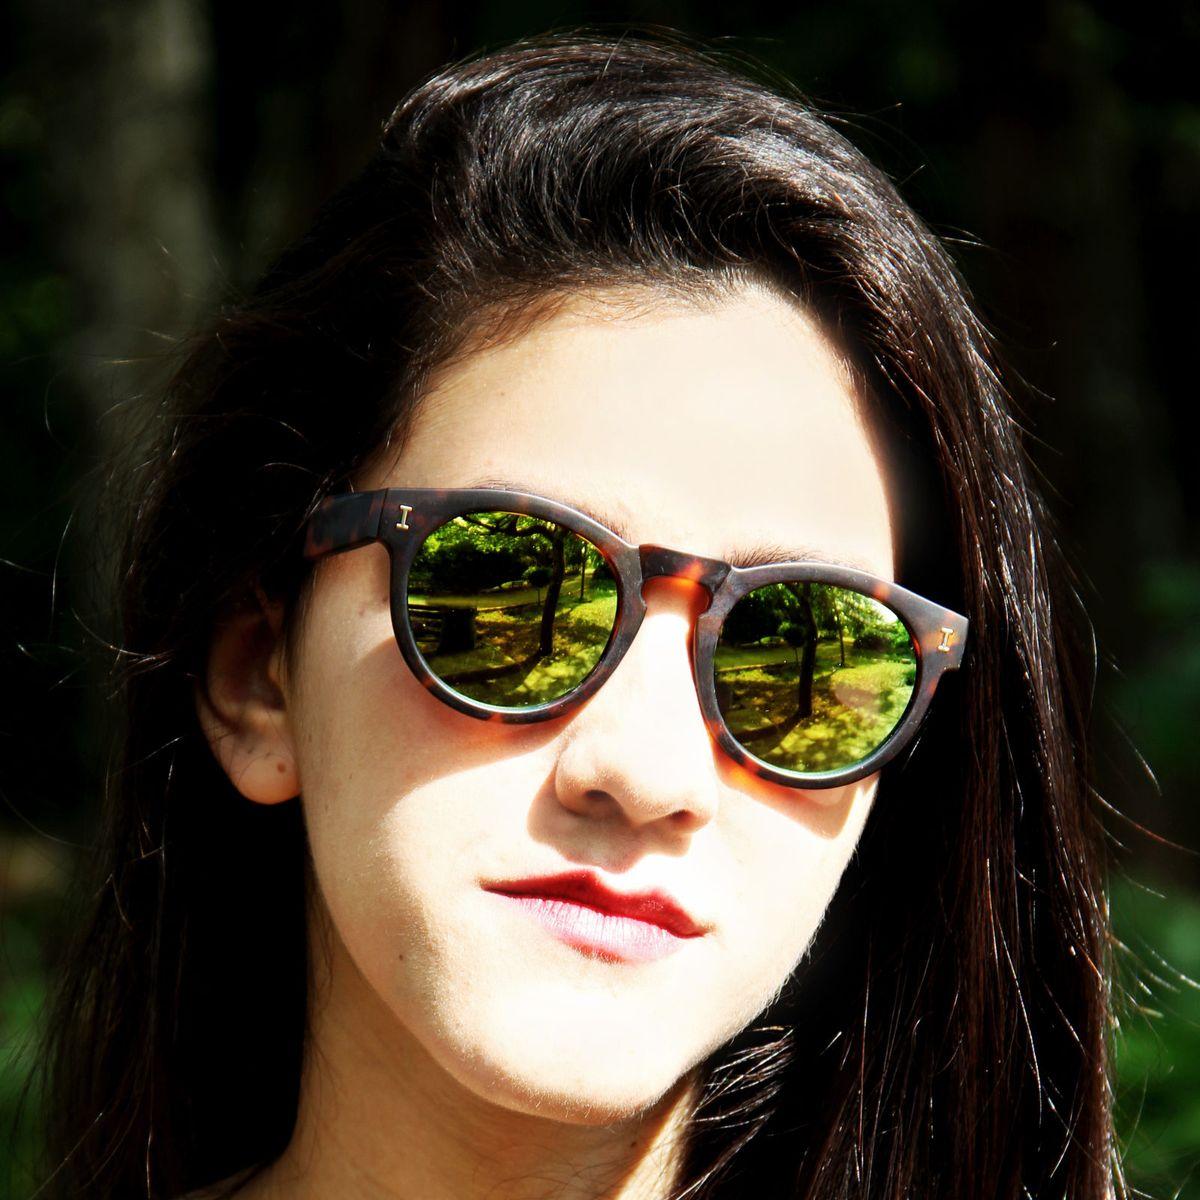 oclinho de sol espelhado - óculos illesteva-leonard.  Czm6ly9wag90b3muzw5qb2vplmnvbs5ici9wcm9kdwn0cy83mzyxlzczmjliotc1ndjhztbiy2zhmjczotbkmmi0y2jhztgzlmpwzw  ... 556e571059